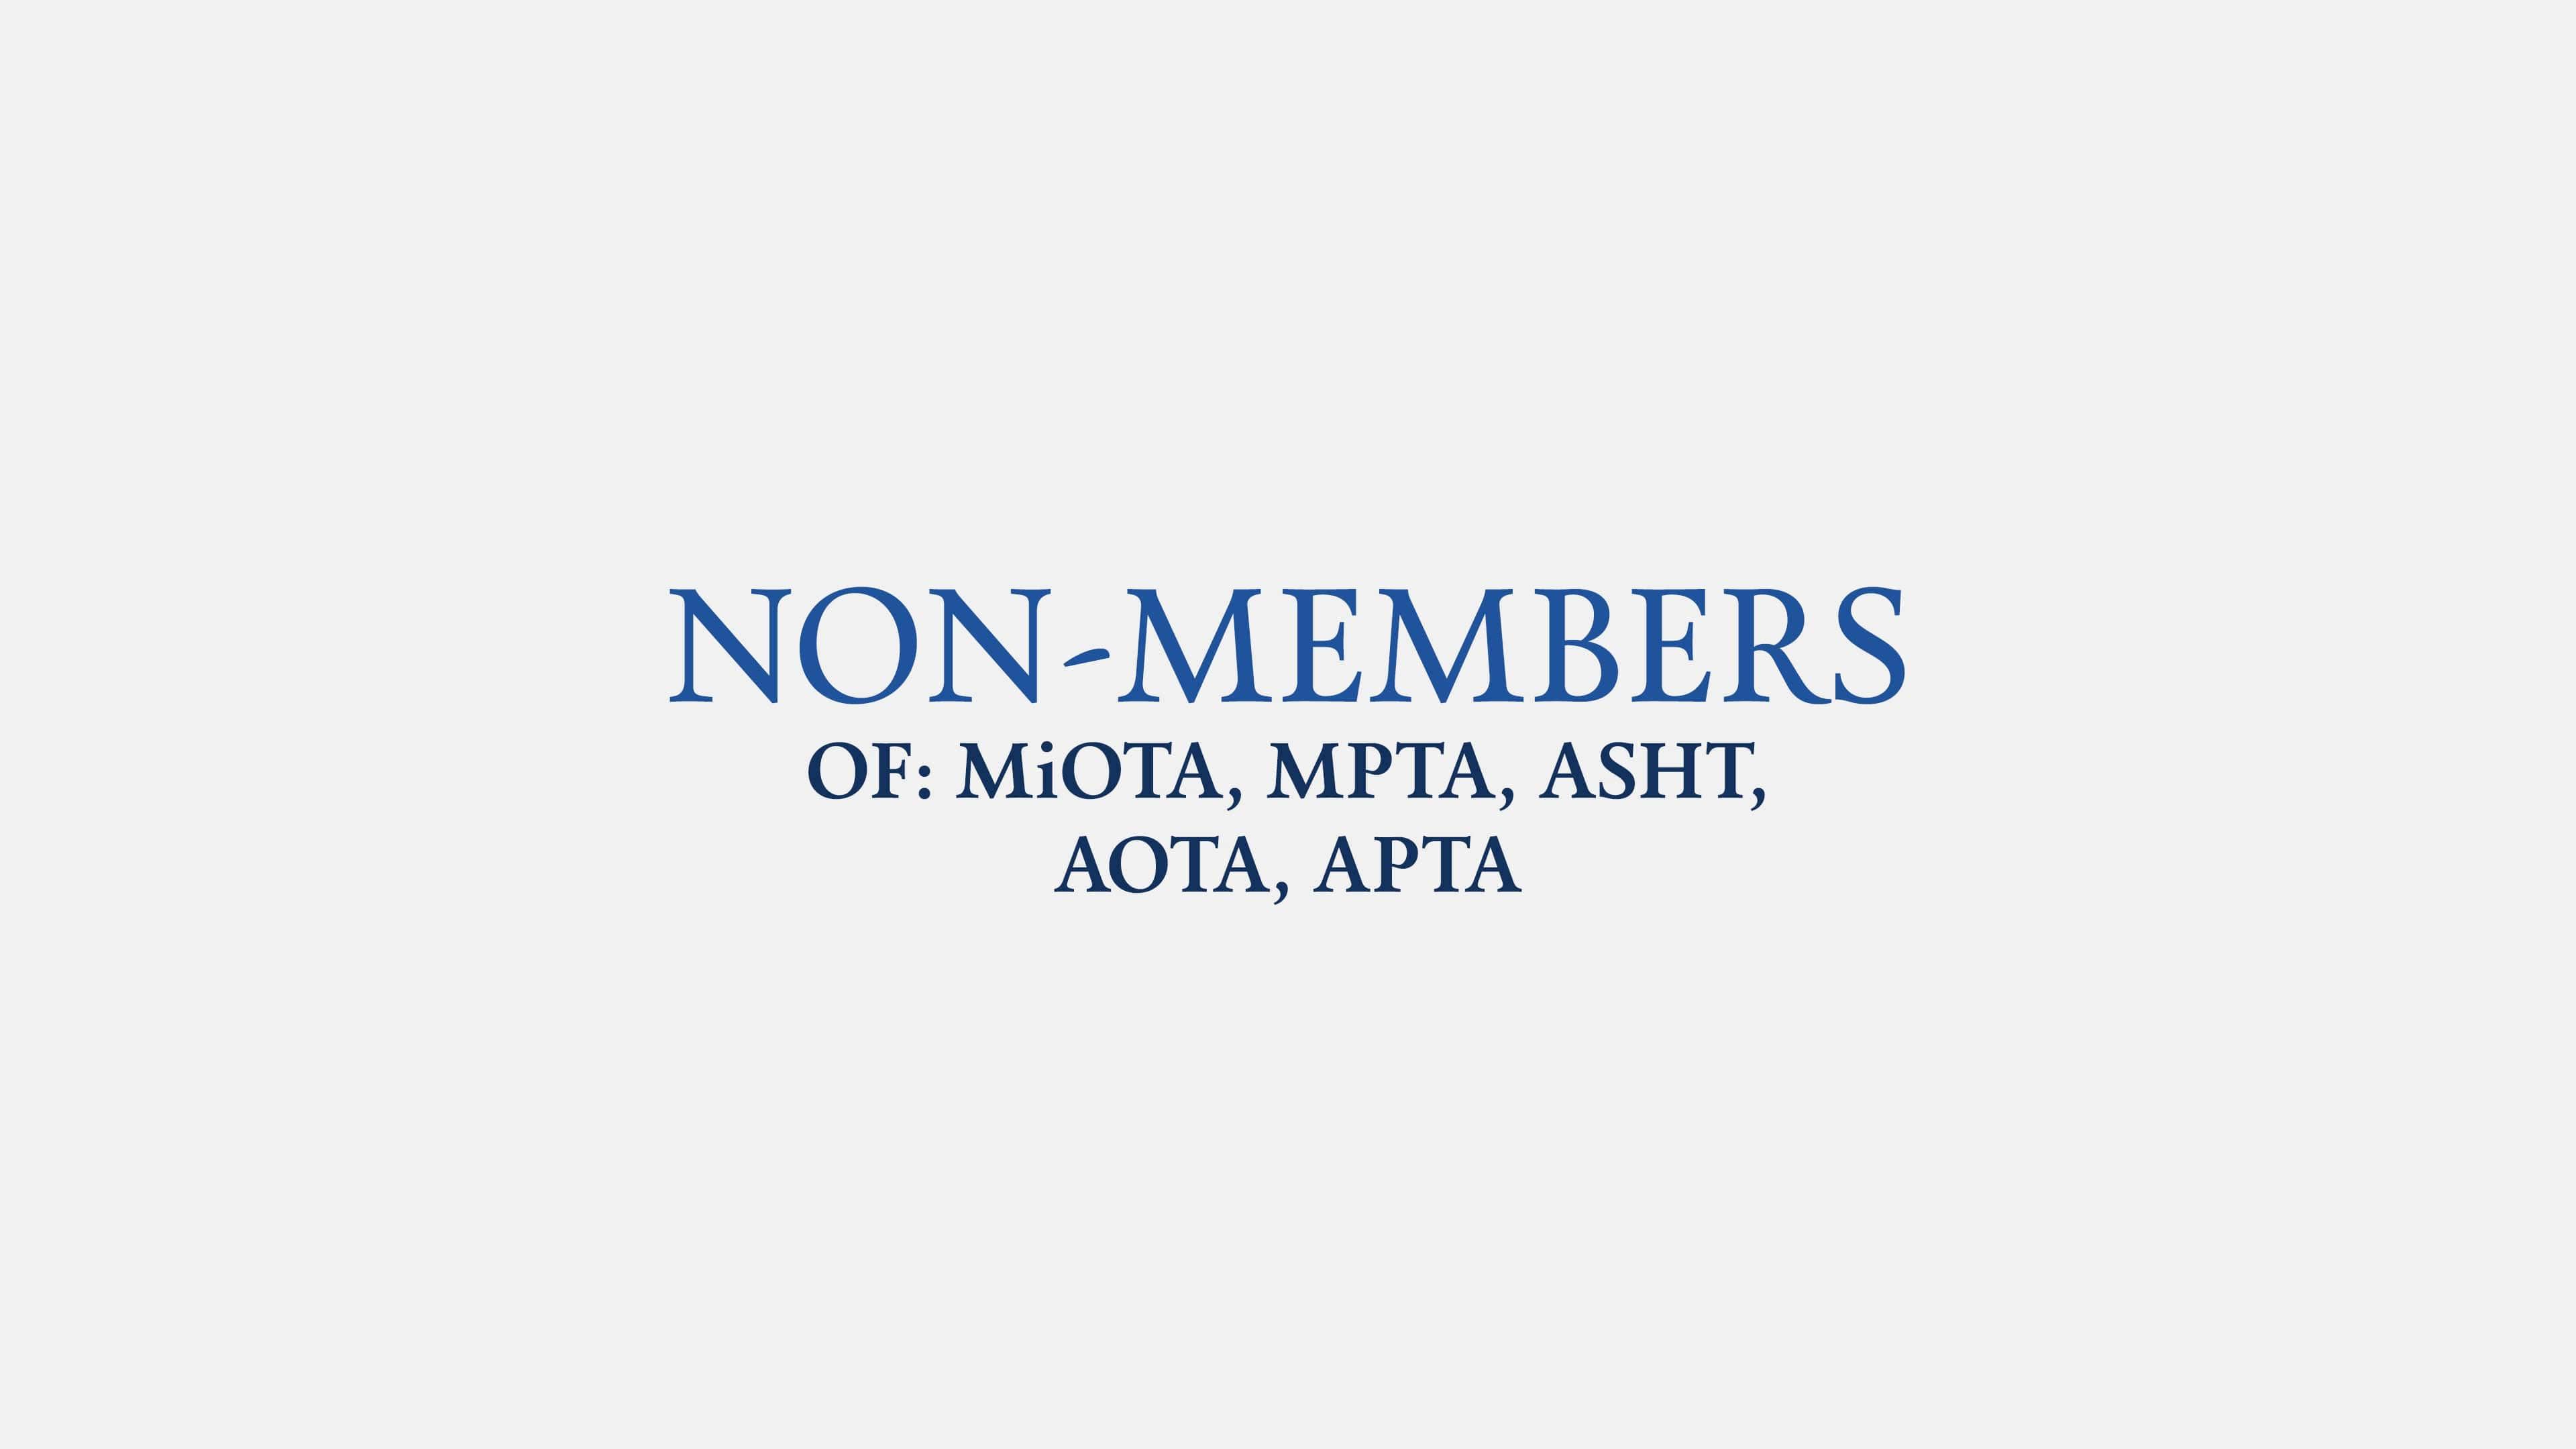 MISHT-Non-Members-min